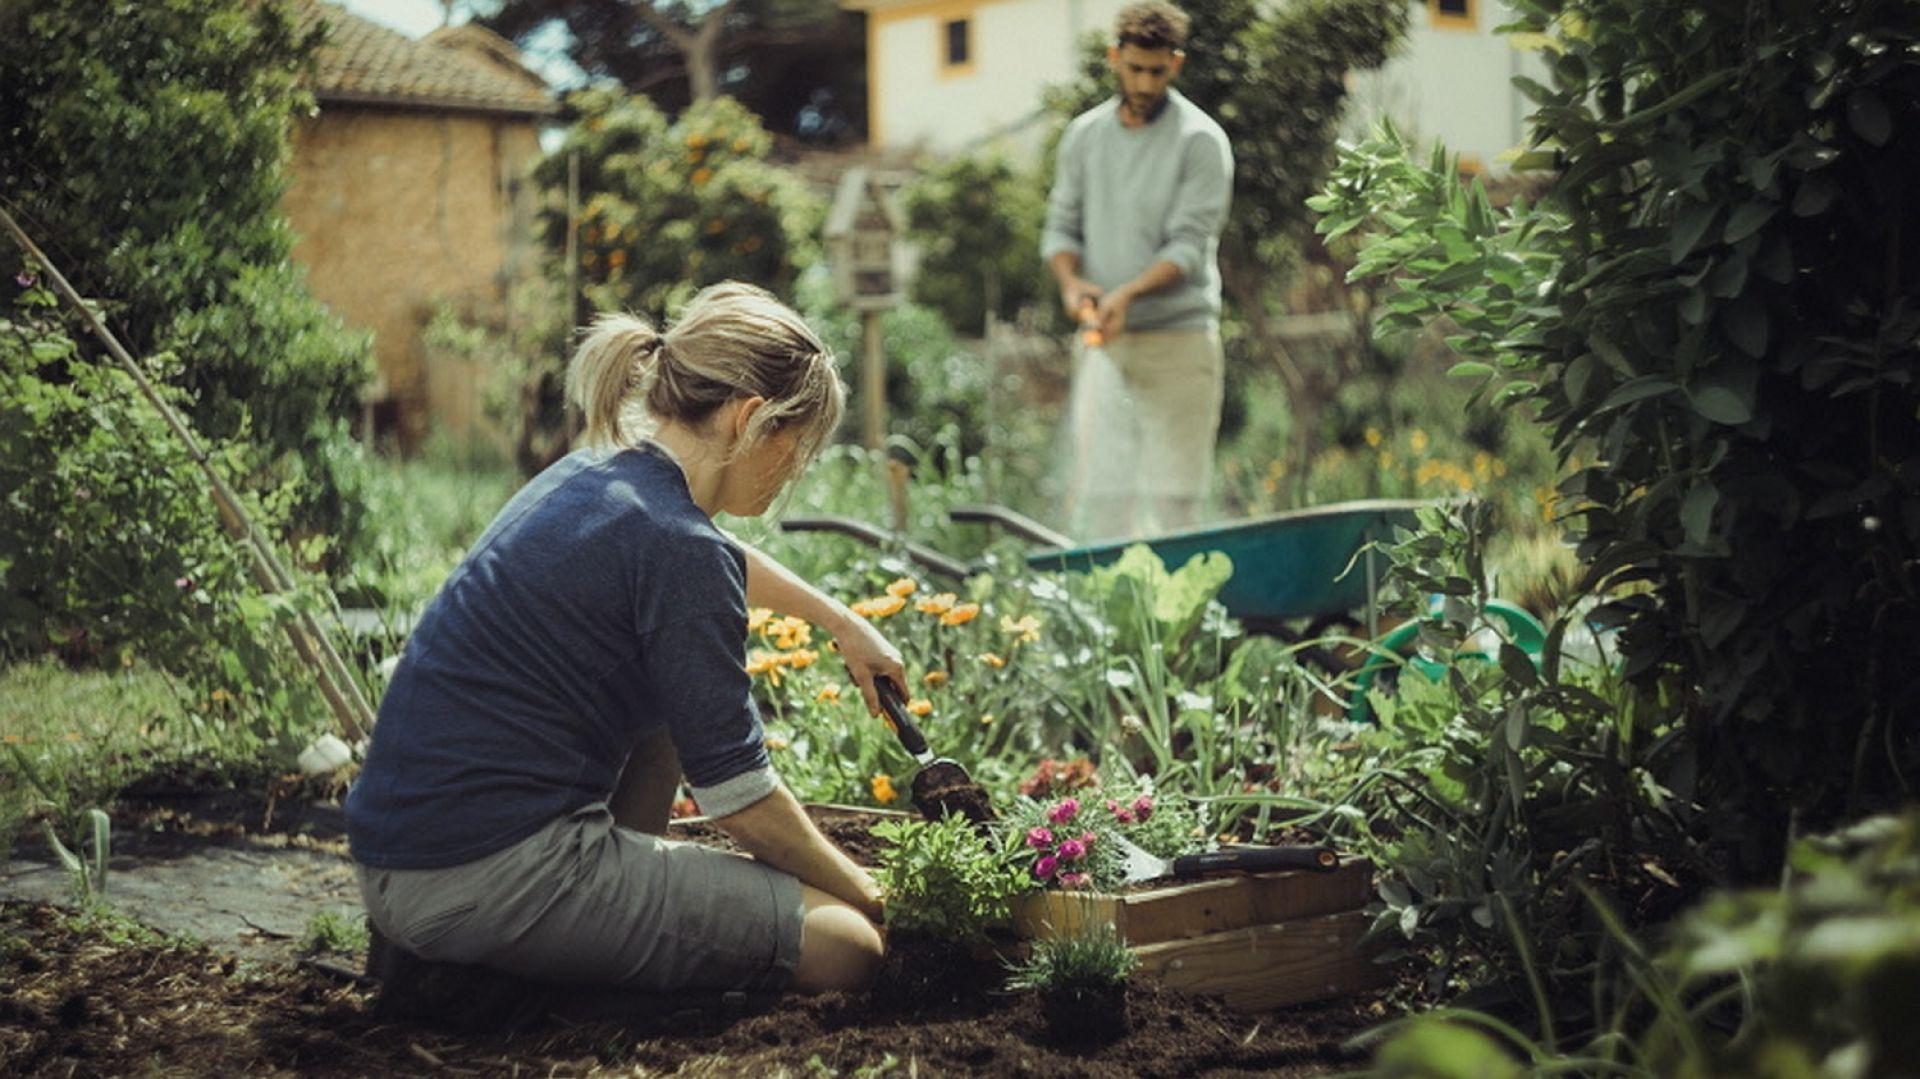 Zakładanie rabat kwiatowych. Fot. Fiskars